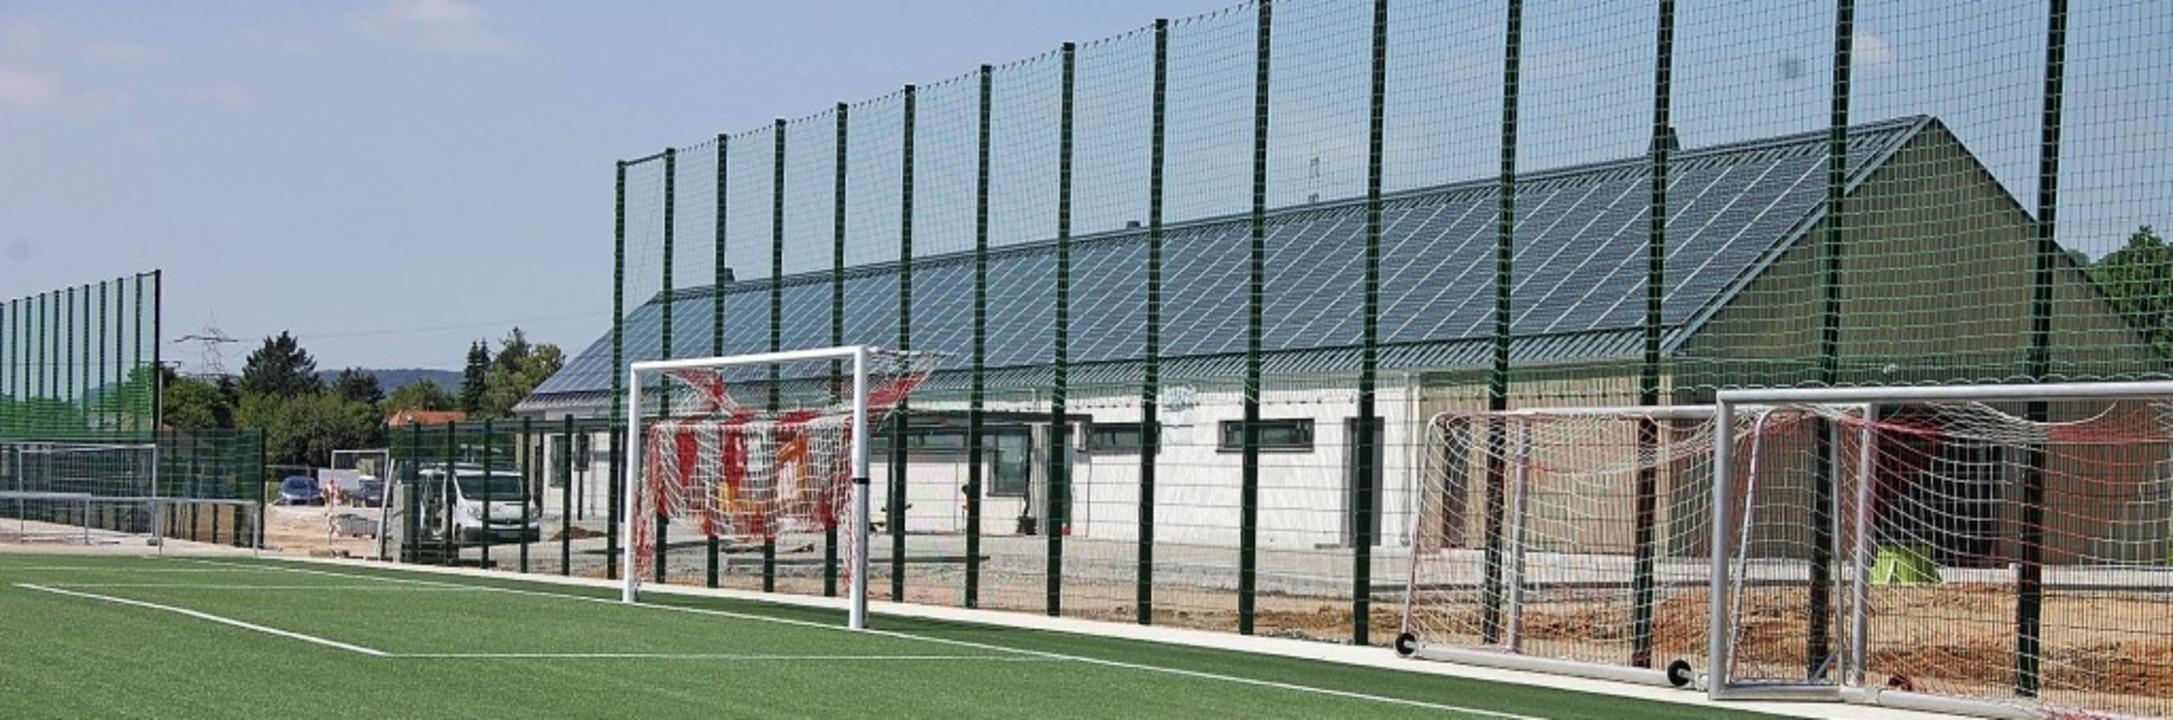 Die neue Sportanlage des TuS Binzen ist so gut wie fertig.     Foto: Herbert Frey